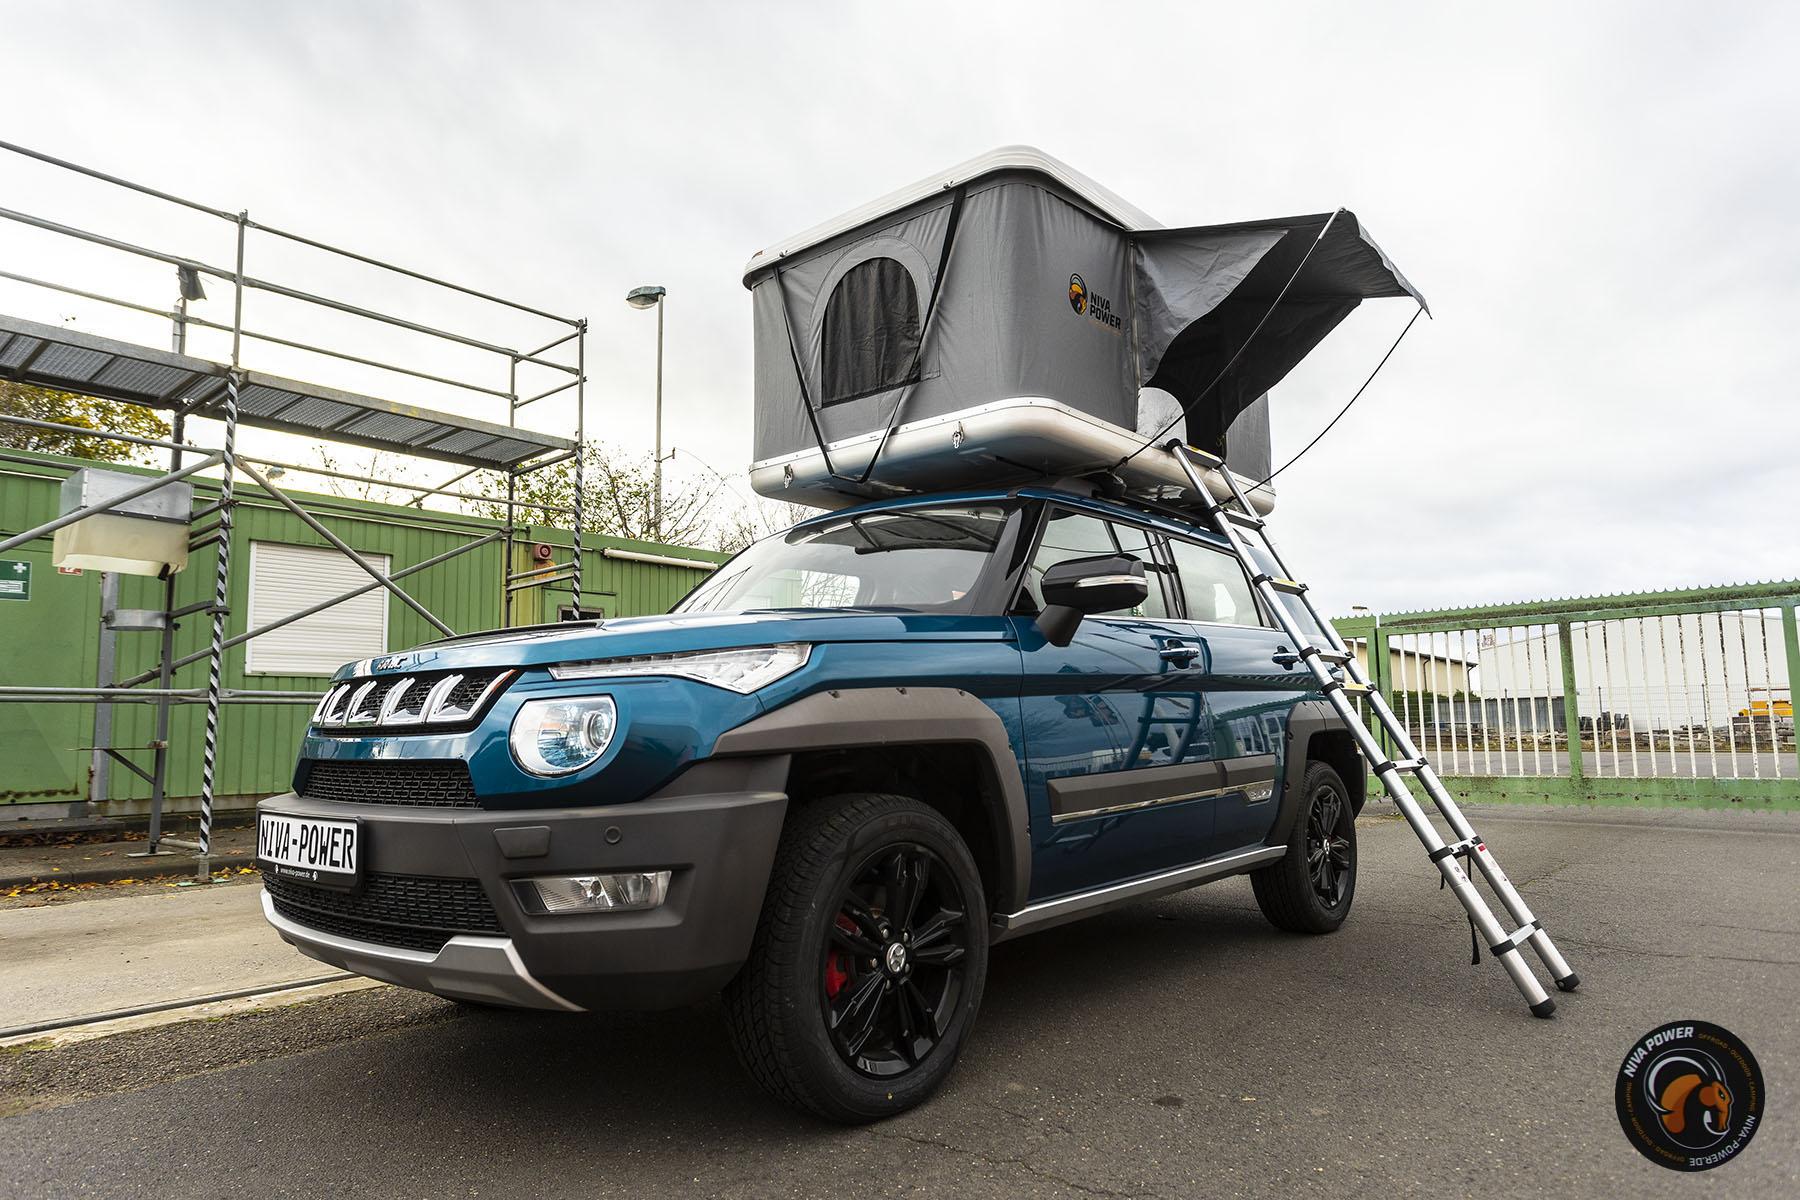 Powercamp-Albatros-das-neue-GFK-Dachzelt-fuer-Dein-Auto-001